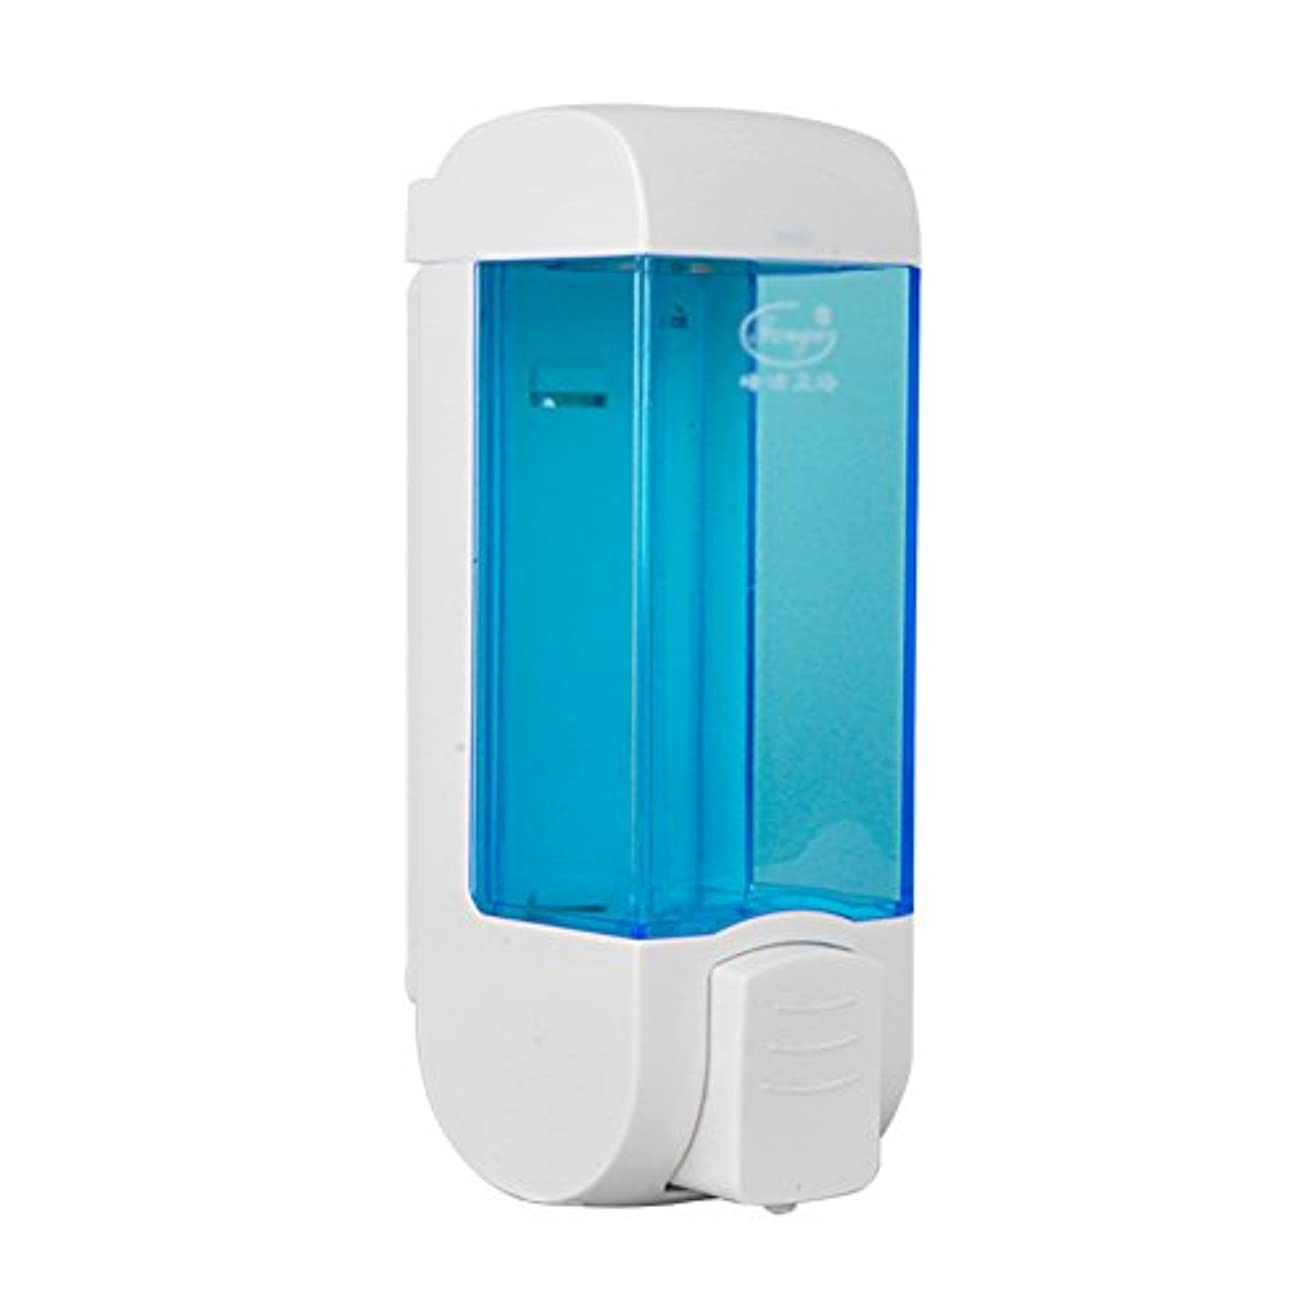 寄託乱すアニメーションZEMIN ソープディスペンサー 壁掛け式 石鹸ディスペンサー 帰納的 マニュアル ポンプ 2頭 シャンプー 液体 石鹸 クリーン、 プラスチック、 青、 300ML (色 : 1)